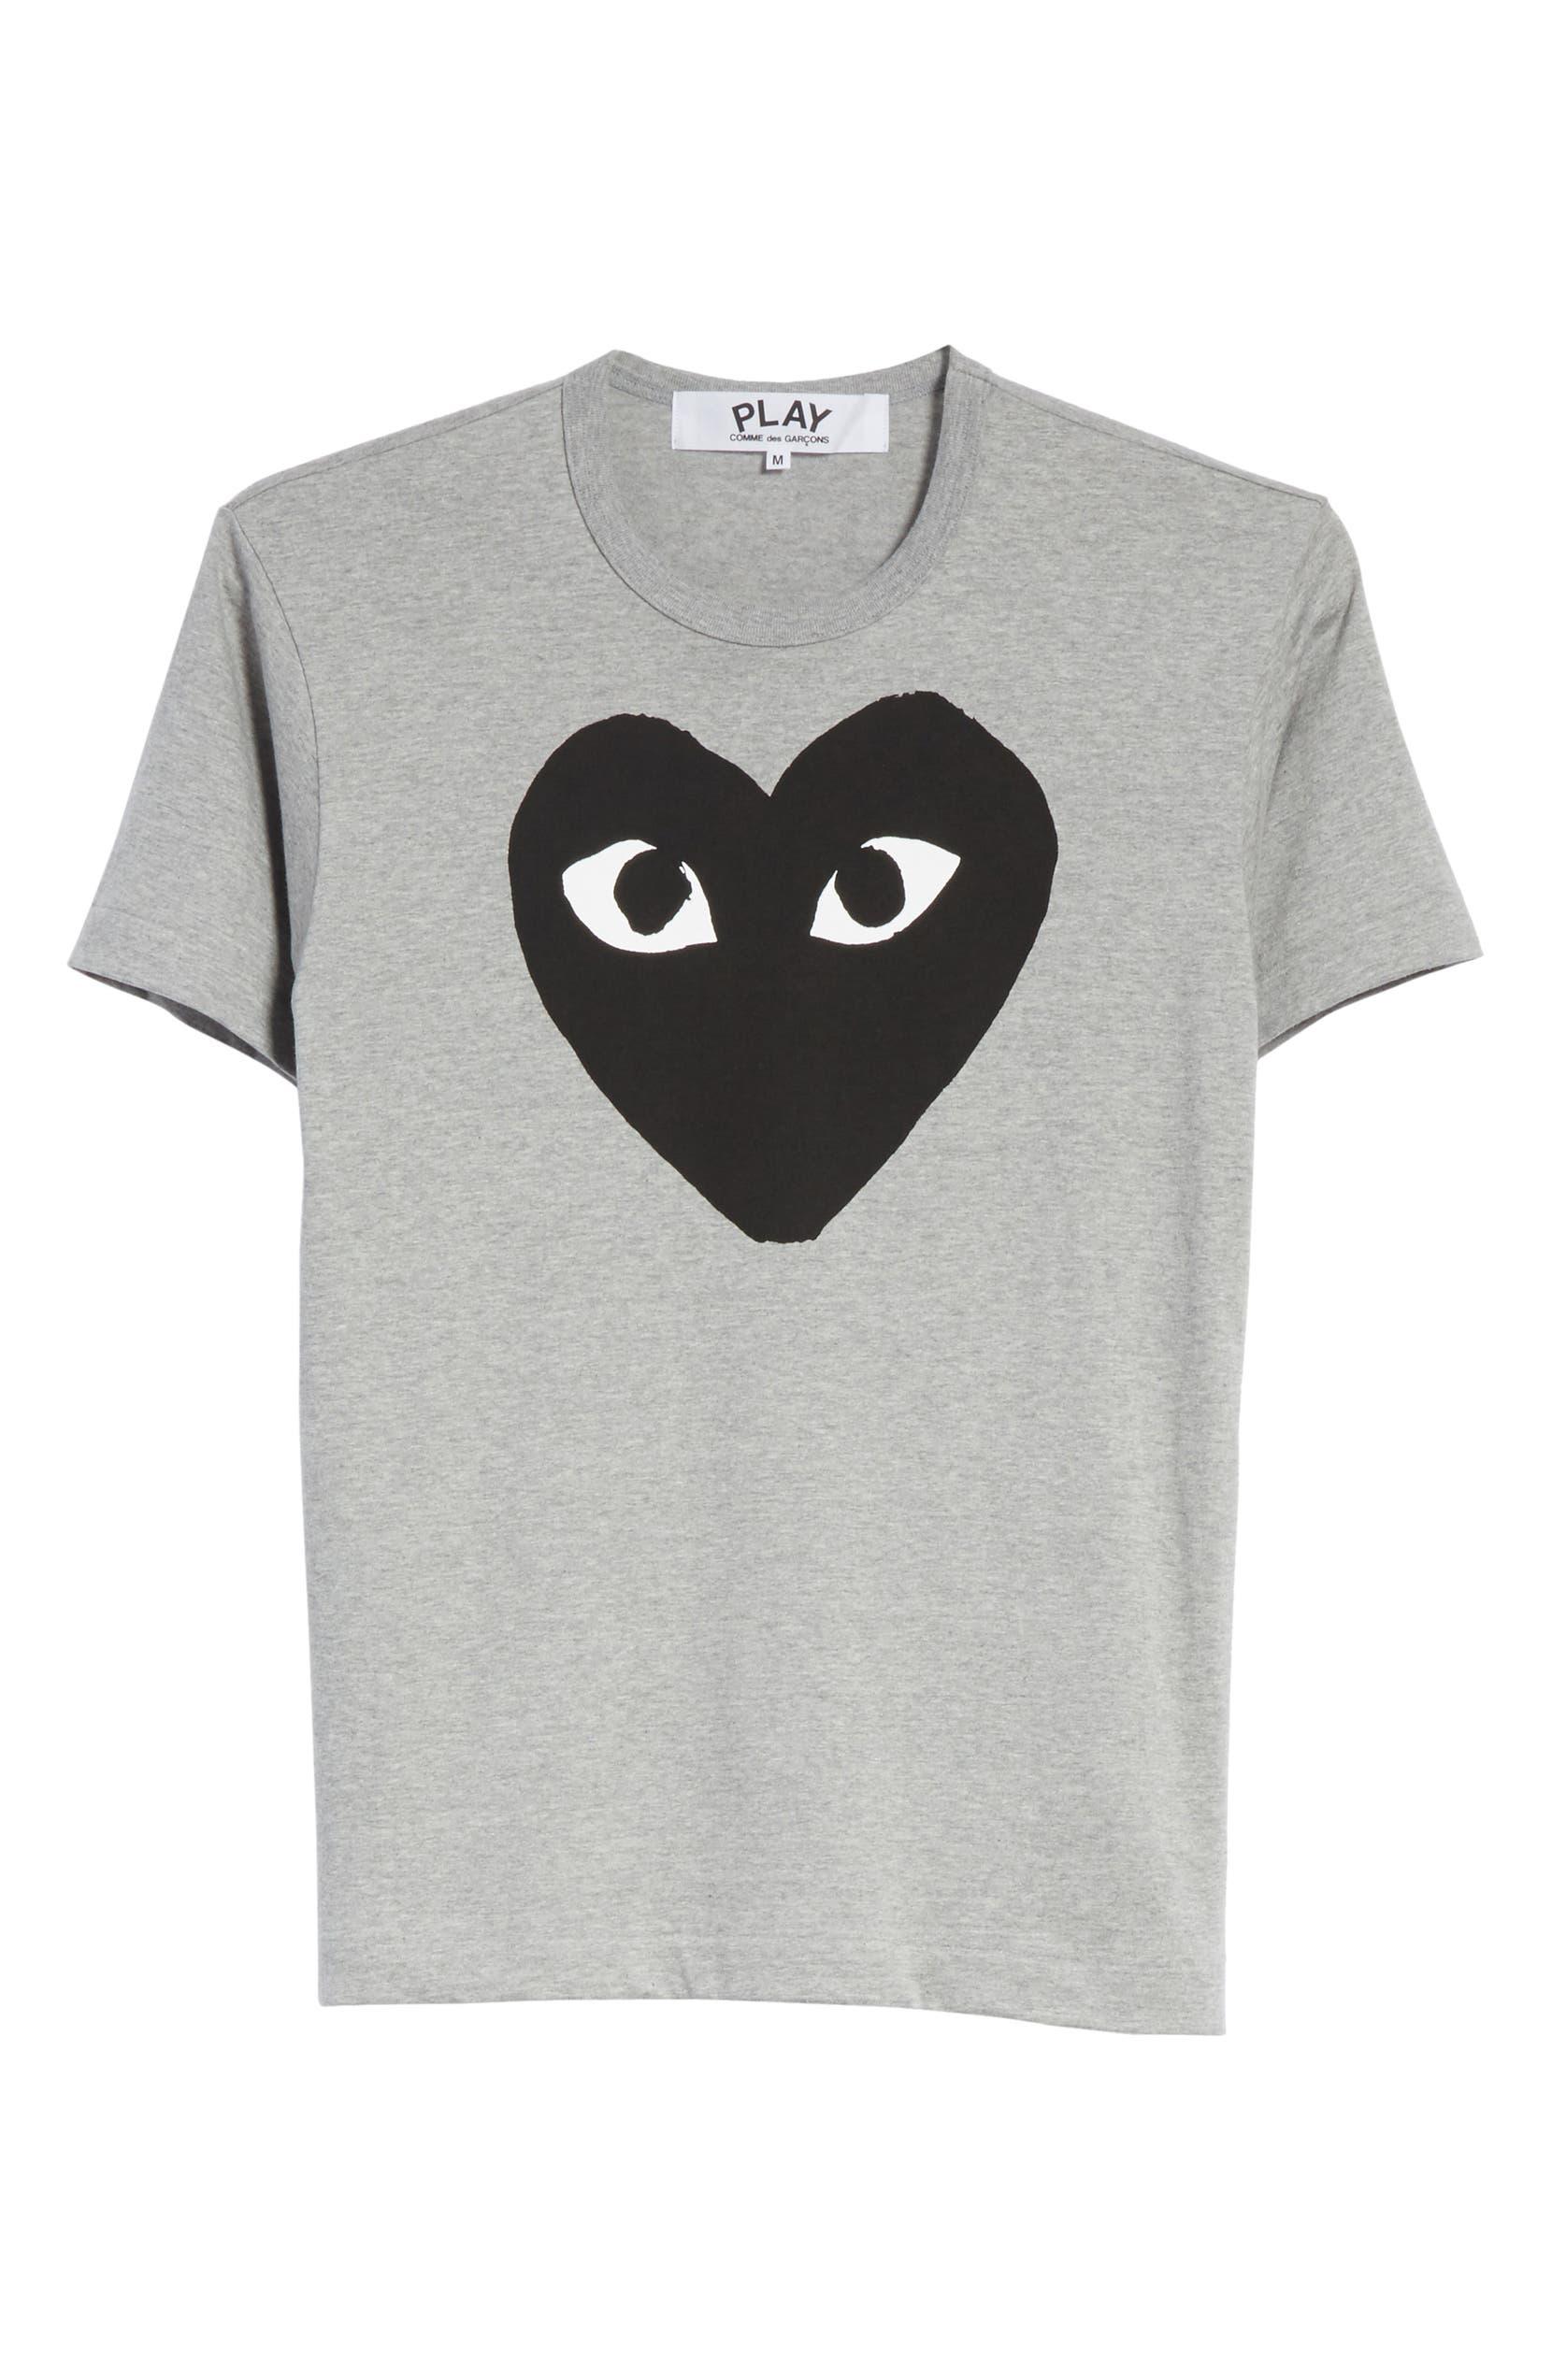 4aff9e9d1159 Comme des Garçons PLAY Logo Graphic Crewneck T-Shirt